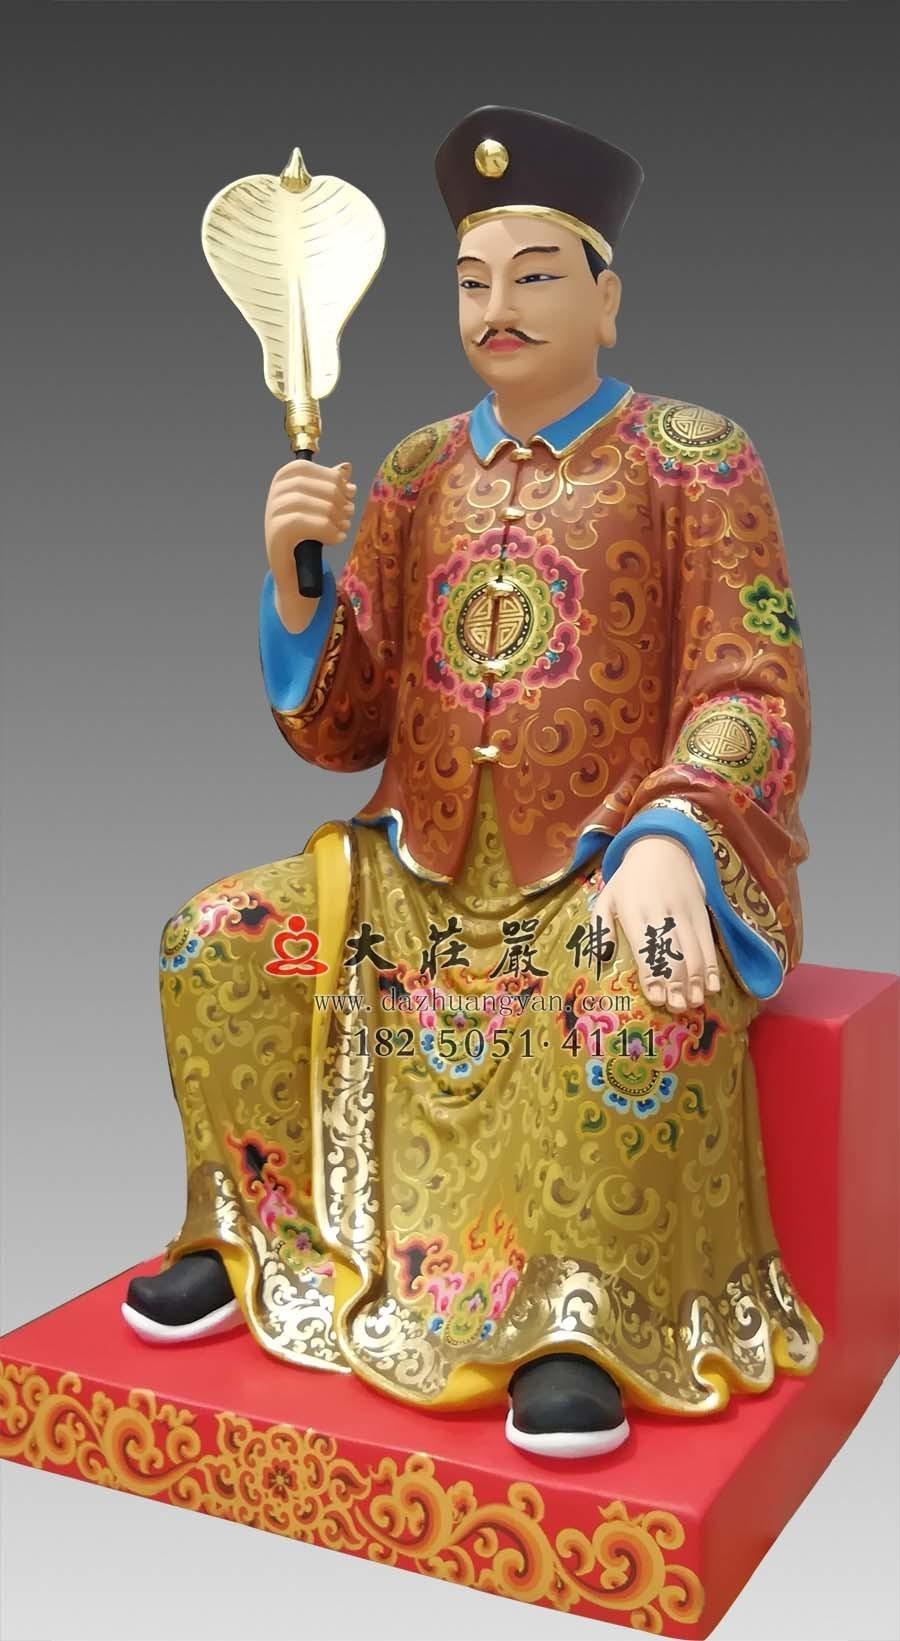 铜雕员外彩绘塑像